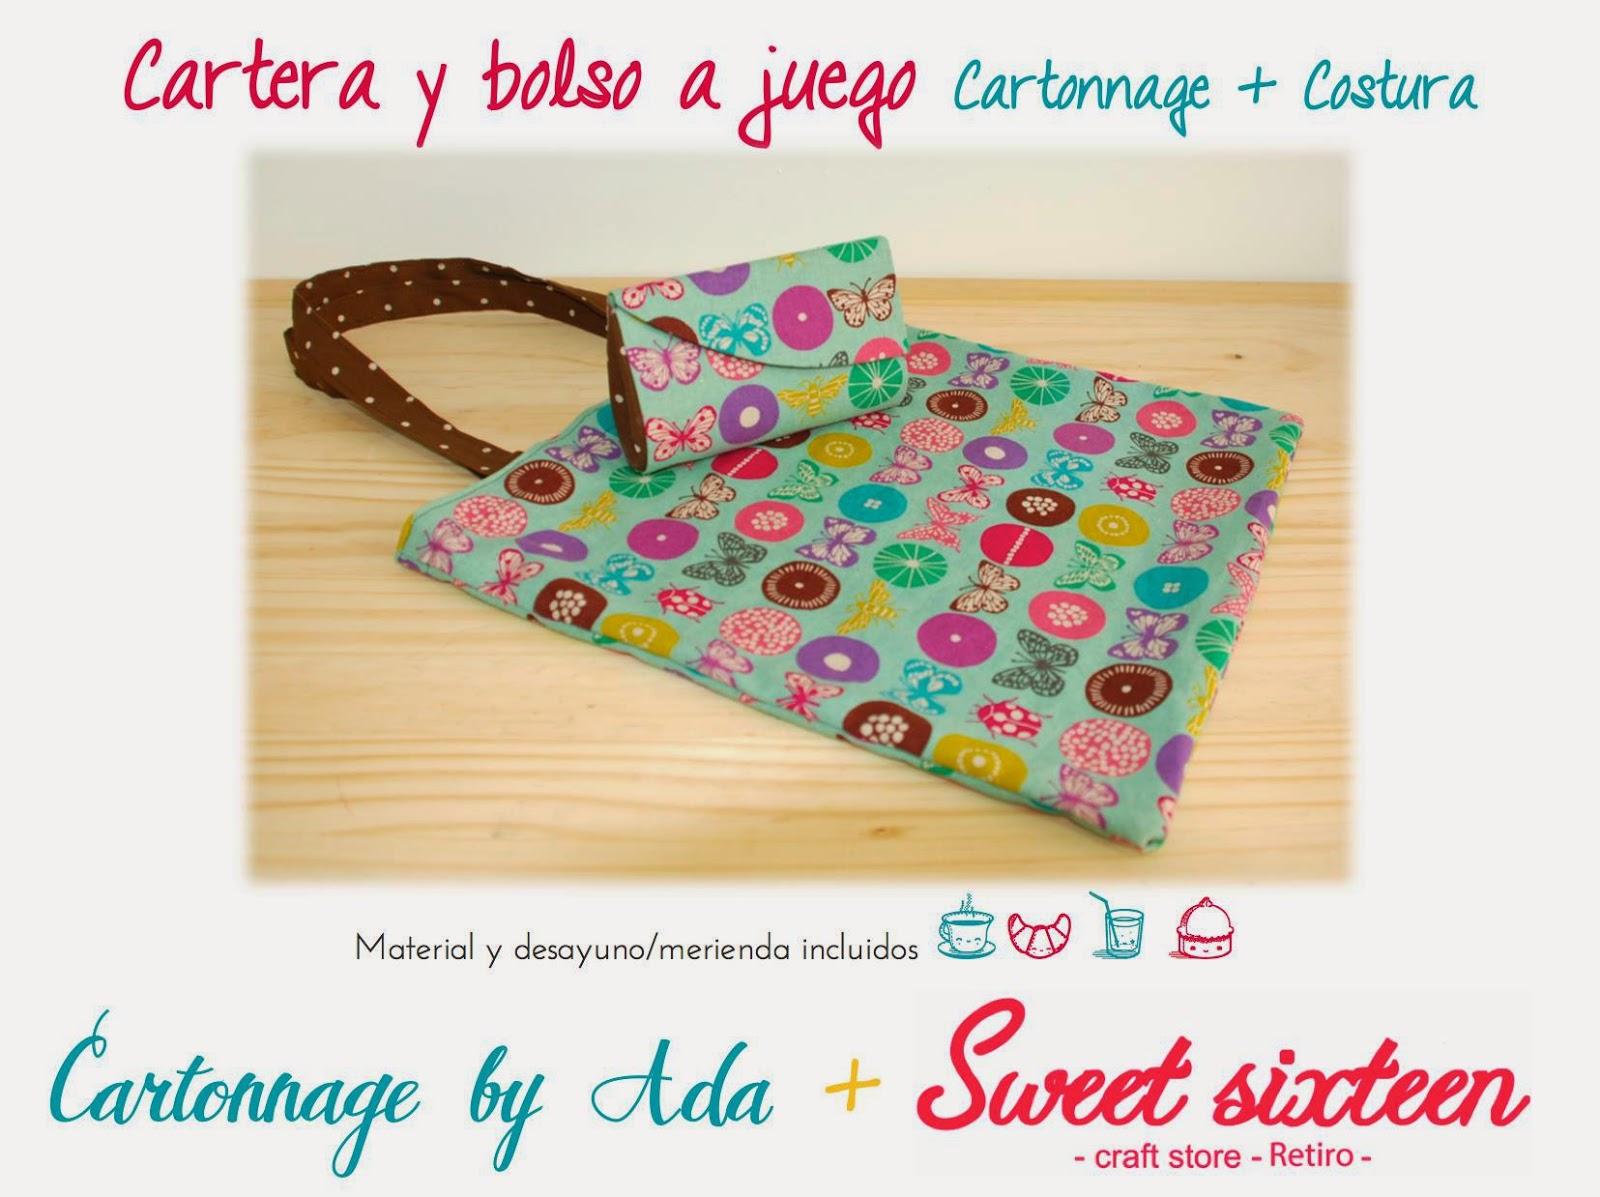 http://www.sweetsixteenretiro.com/1/post/2014/04/ayayayay-lo-que-vamos-a-hacer-en-este-taller.html